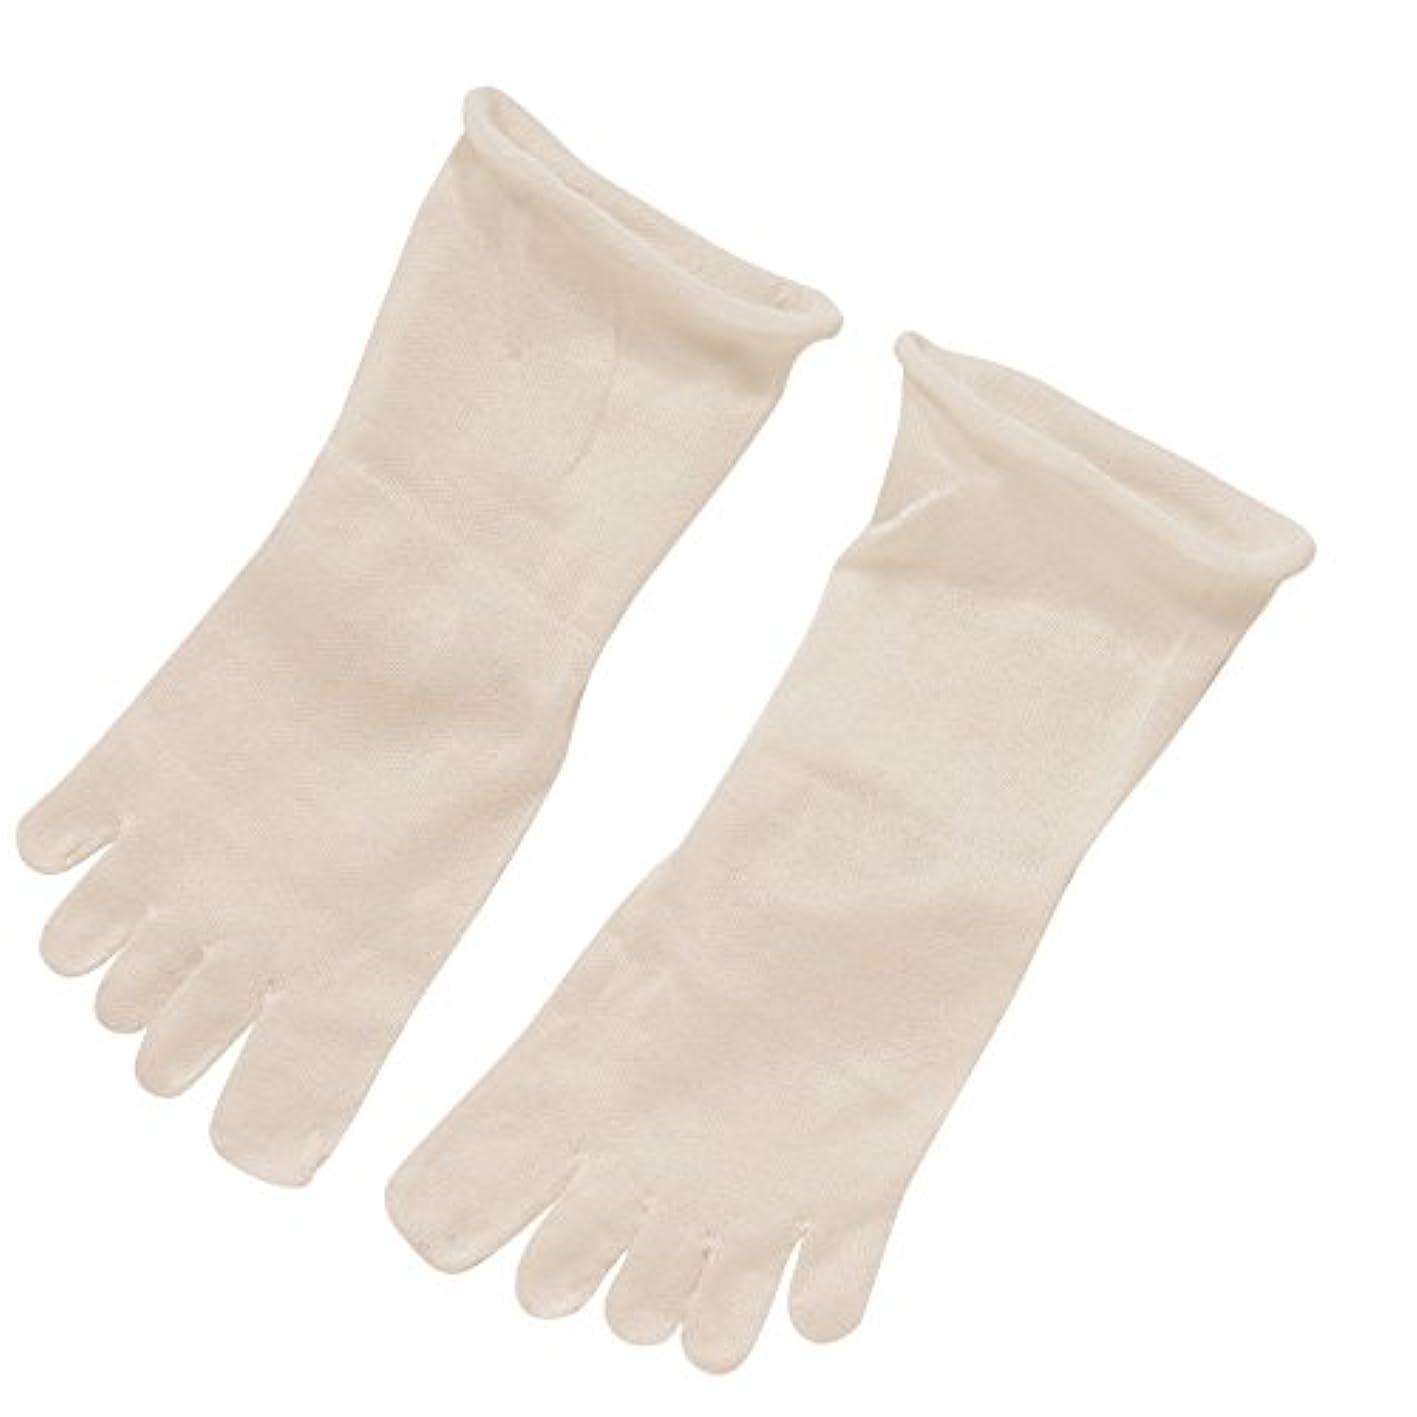 セラフ感謝祭ハブブコクーンフィット 4枚重ね履きソックス(1枚目) CO-0390-S-1-02 Sサイズ(22~24.5cm)